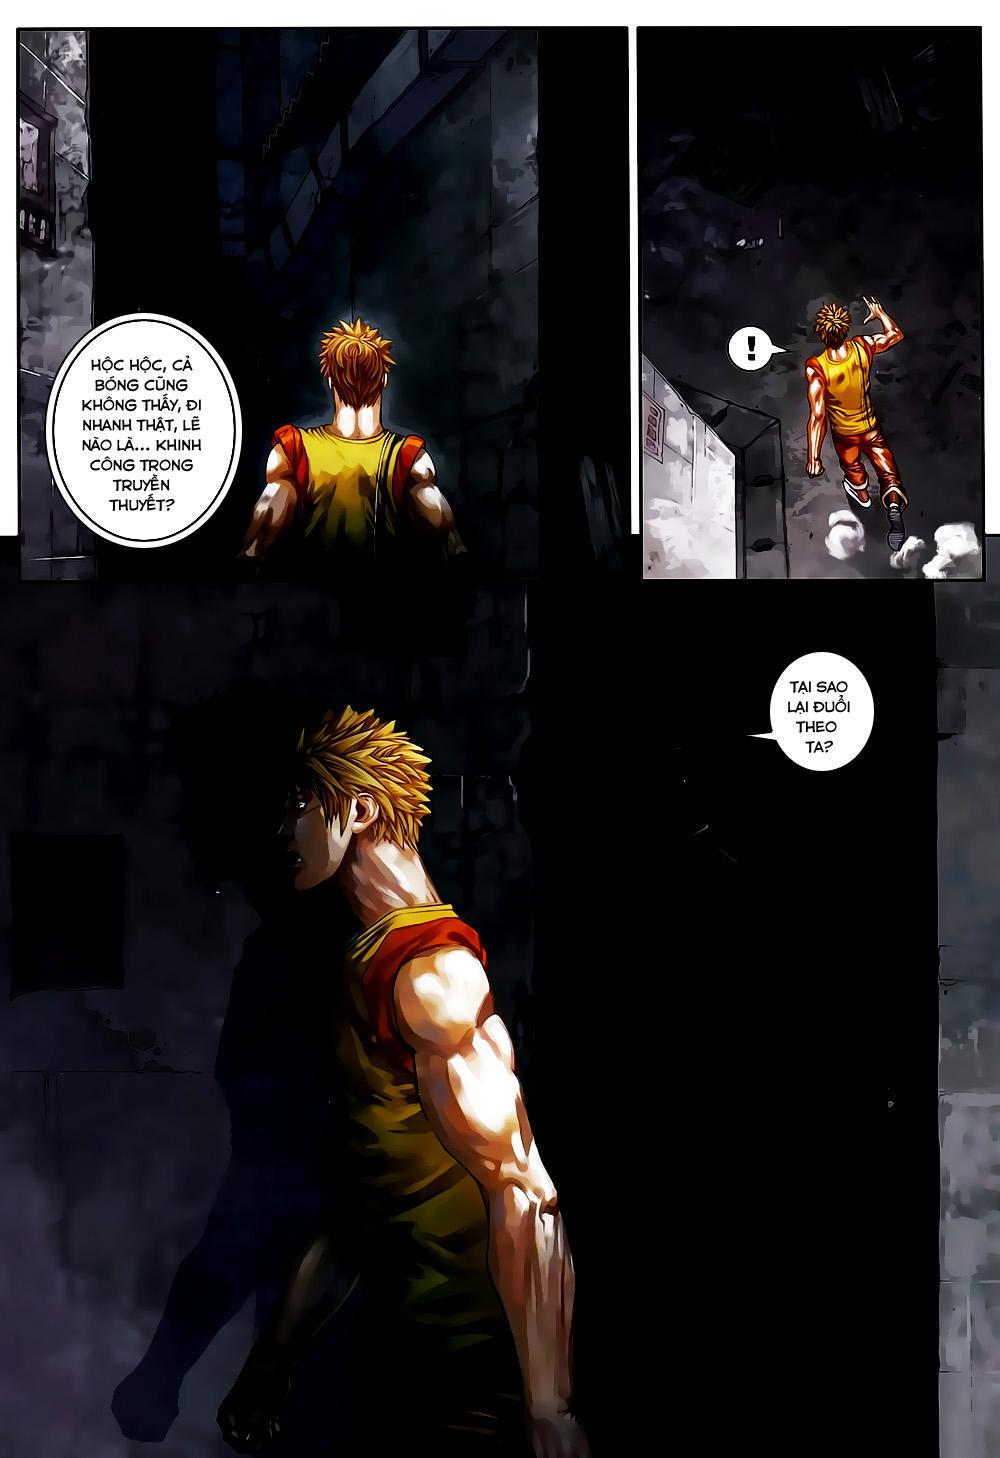 Quyền Đạo chapter 2 trang 3